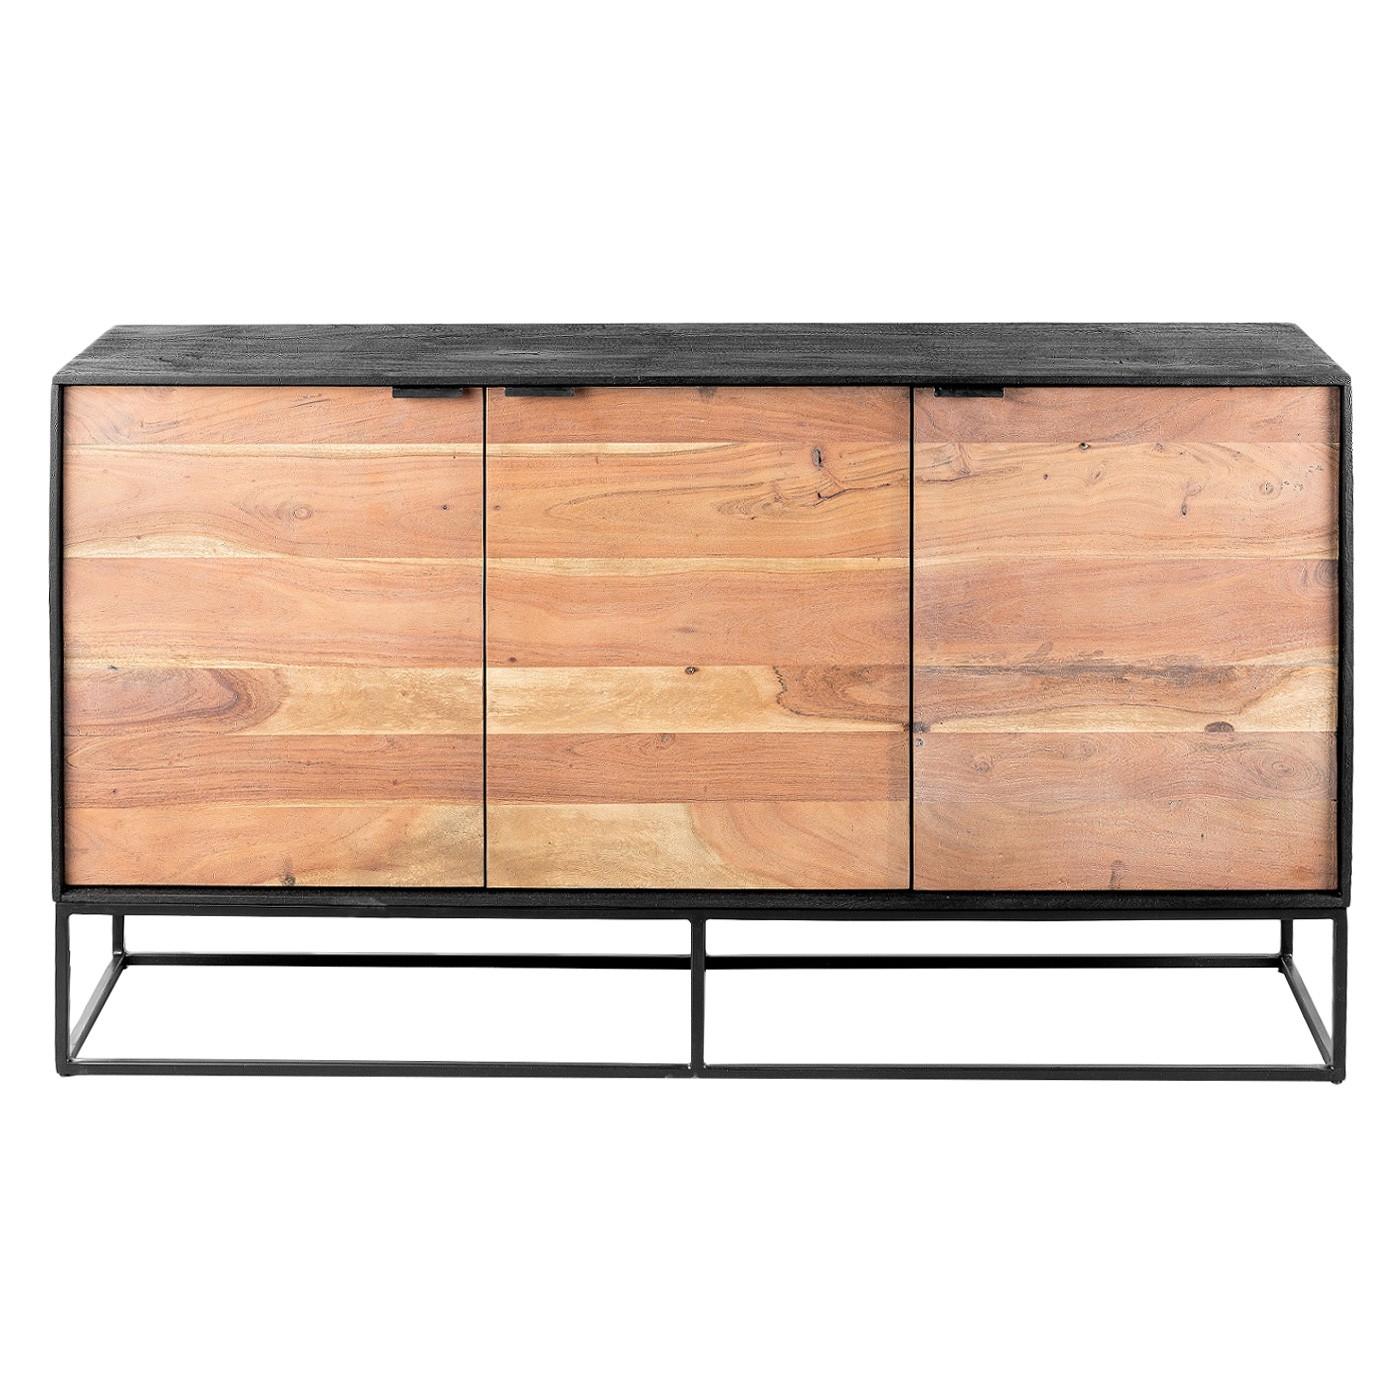 Luca Metal & Timber 3 Door Sideboard, 145cm